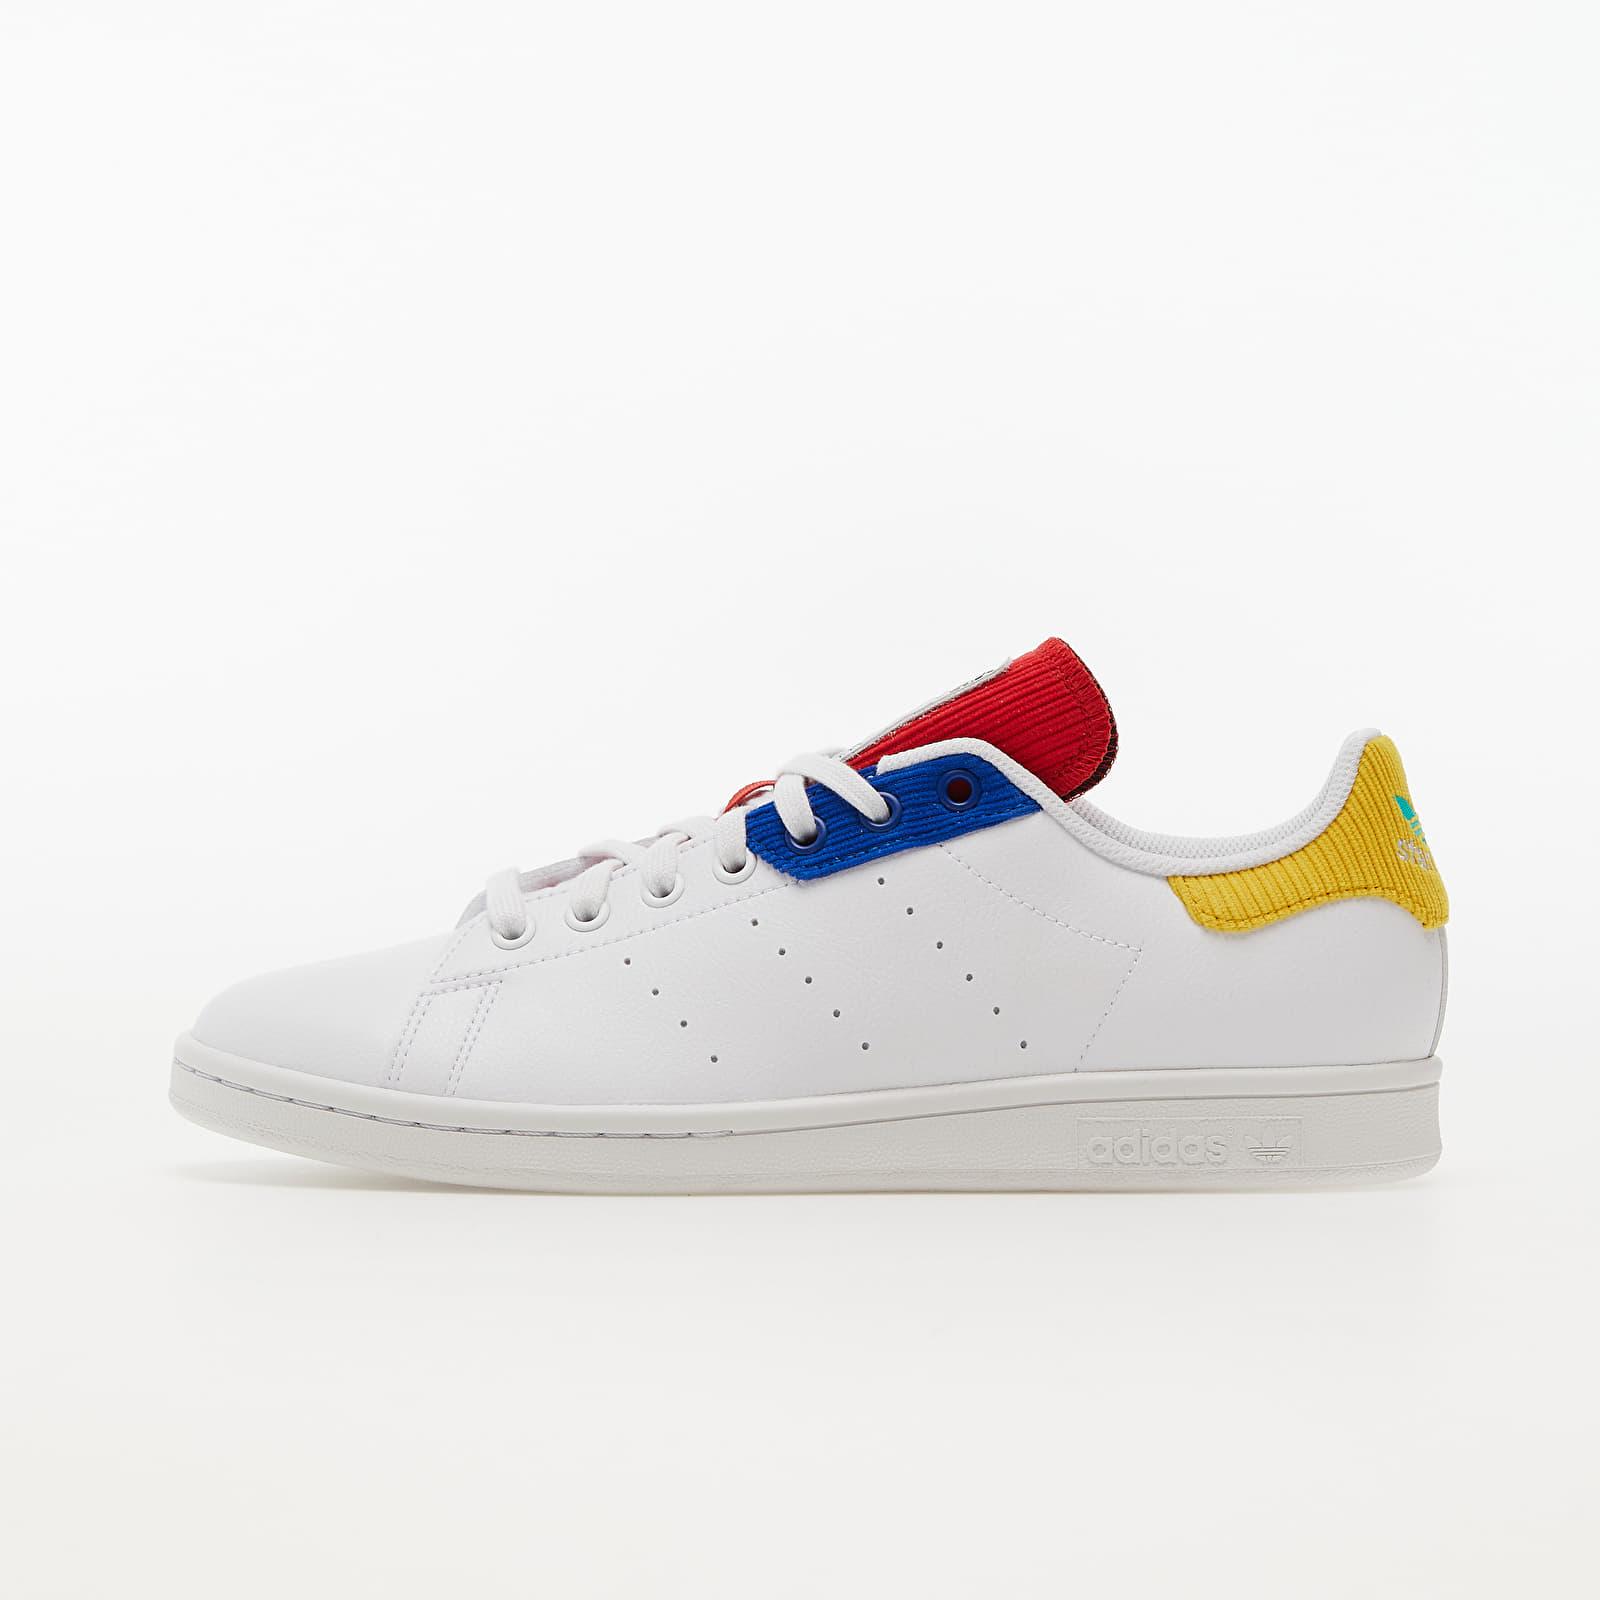 adidas Stan Smith Ftw White/ Crystal White/ Royal Blue EUR 43 1/3